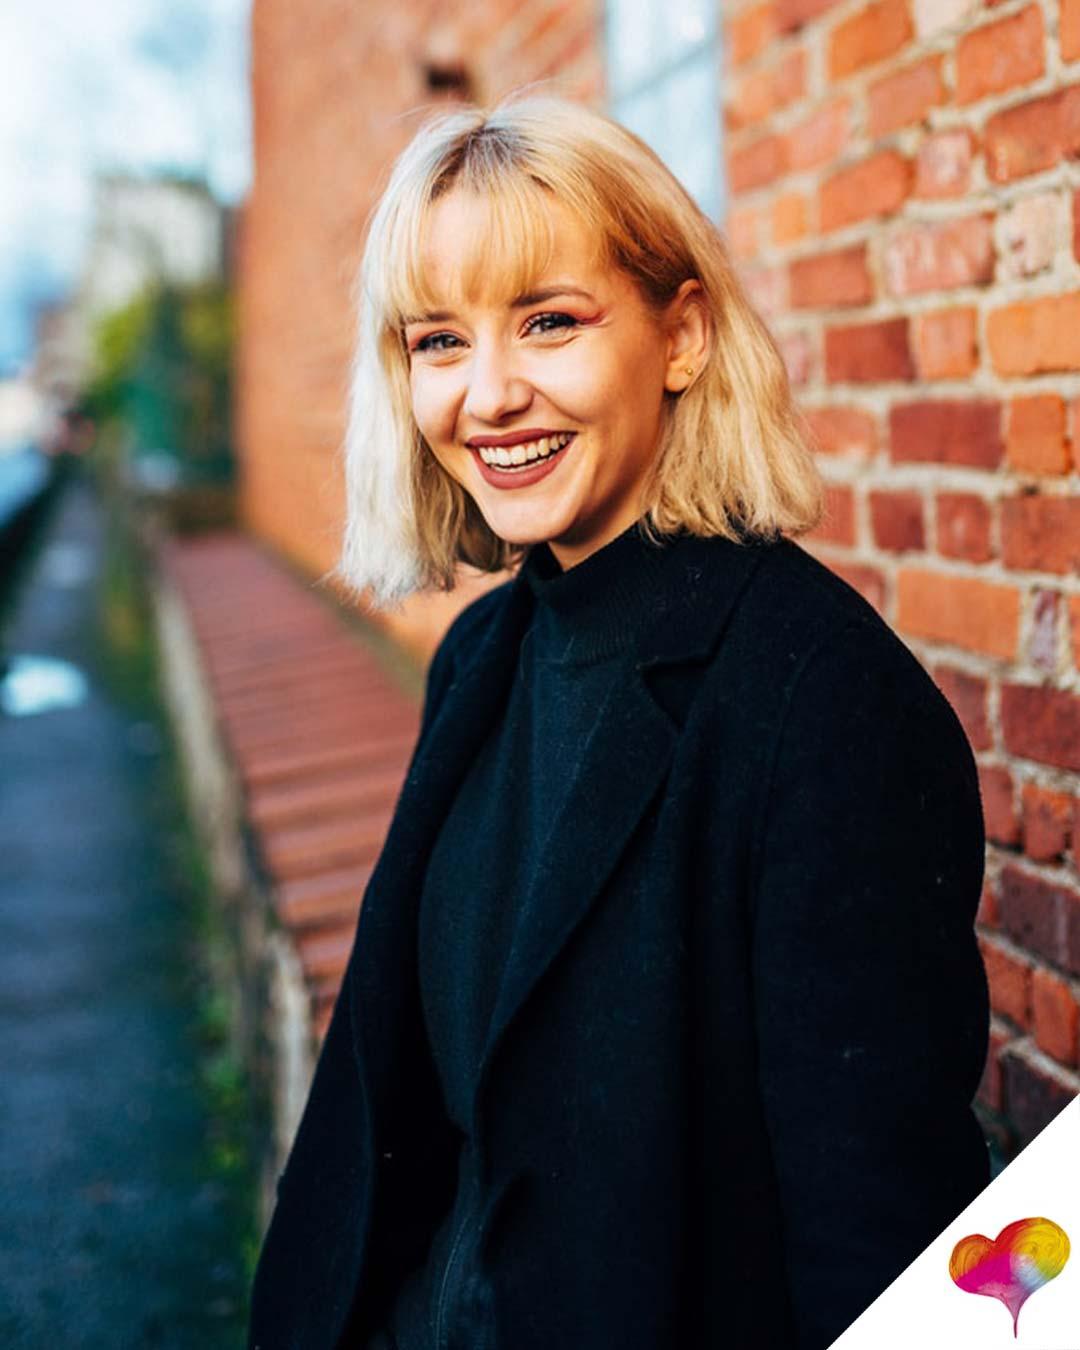 Frisuren kinnlang: Diese 9 Looks machen Lust auf eine Veränderung